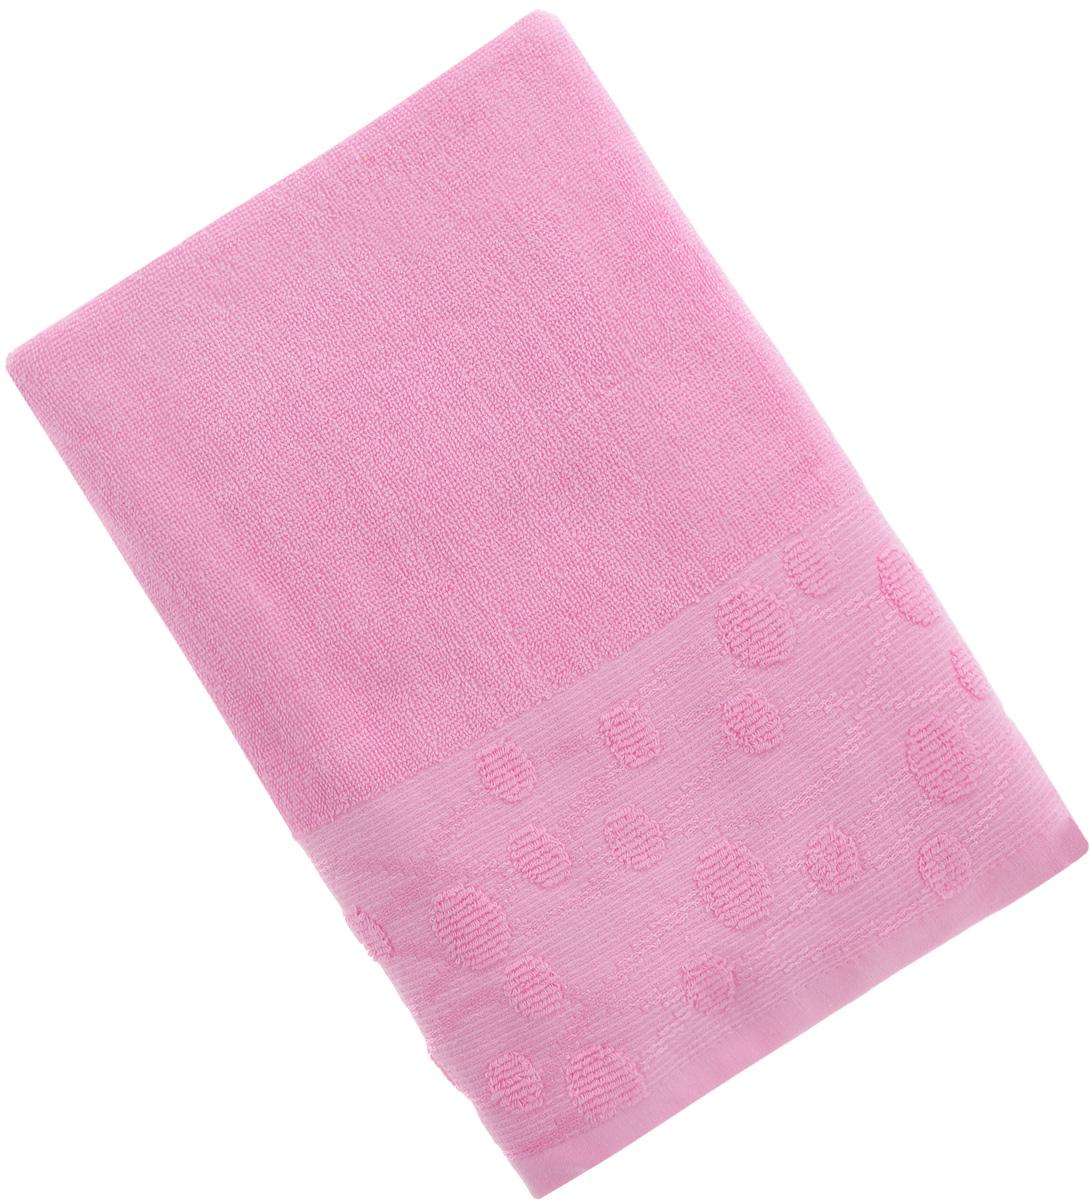 Полотенце Arya Punto, цвет: розовый, 70 х 140 смF0003448_розовыйПолотенце Arya Punto выполнено из 100% хлопка. Изделие отлично впитывает влагу, быстро сохнет, сохраняет яркость цвета и не теряет форму даже после многократных стирок. Такое полотенце очень практично и неприхотливо в уходе. Оно создаст прекрасное настроение и украсит интерьер в ванной комнате.